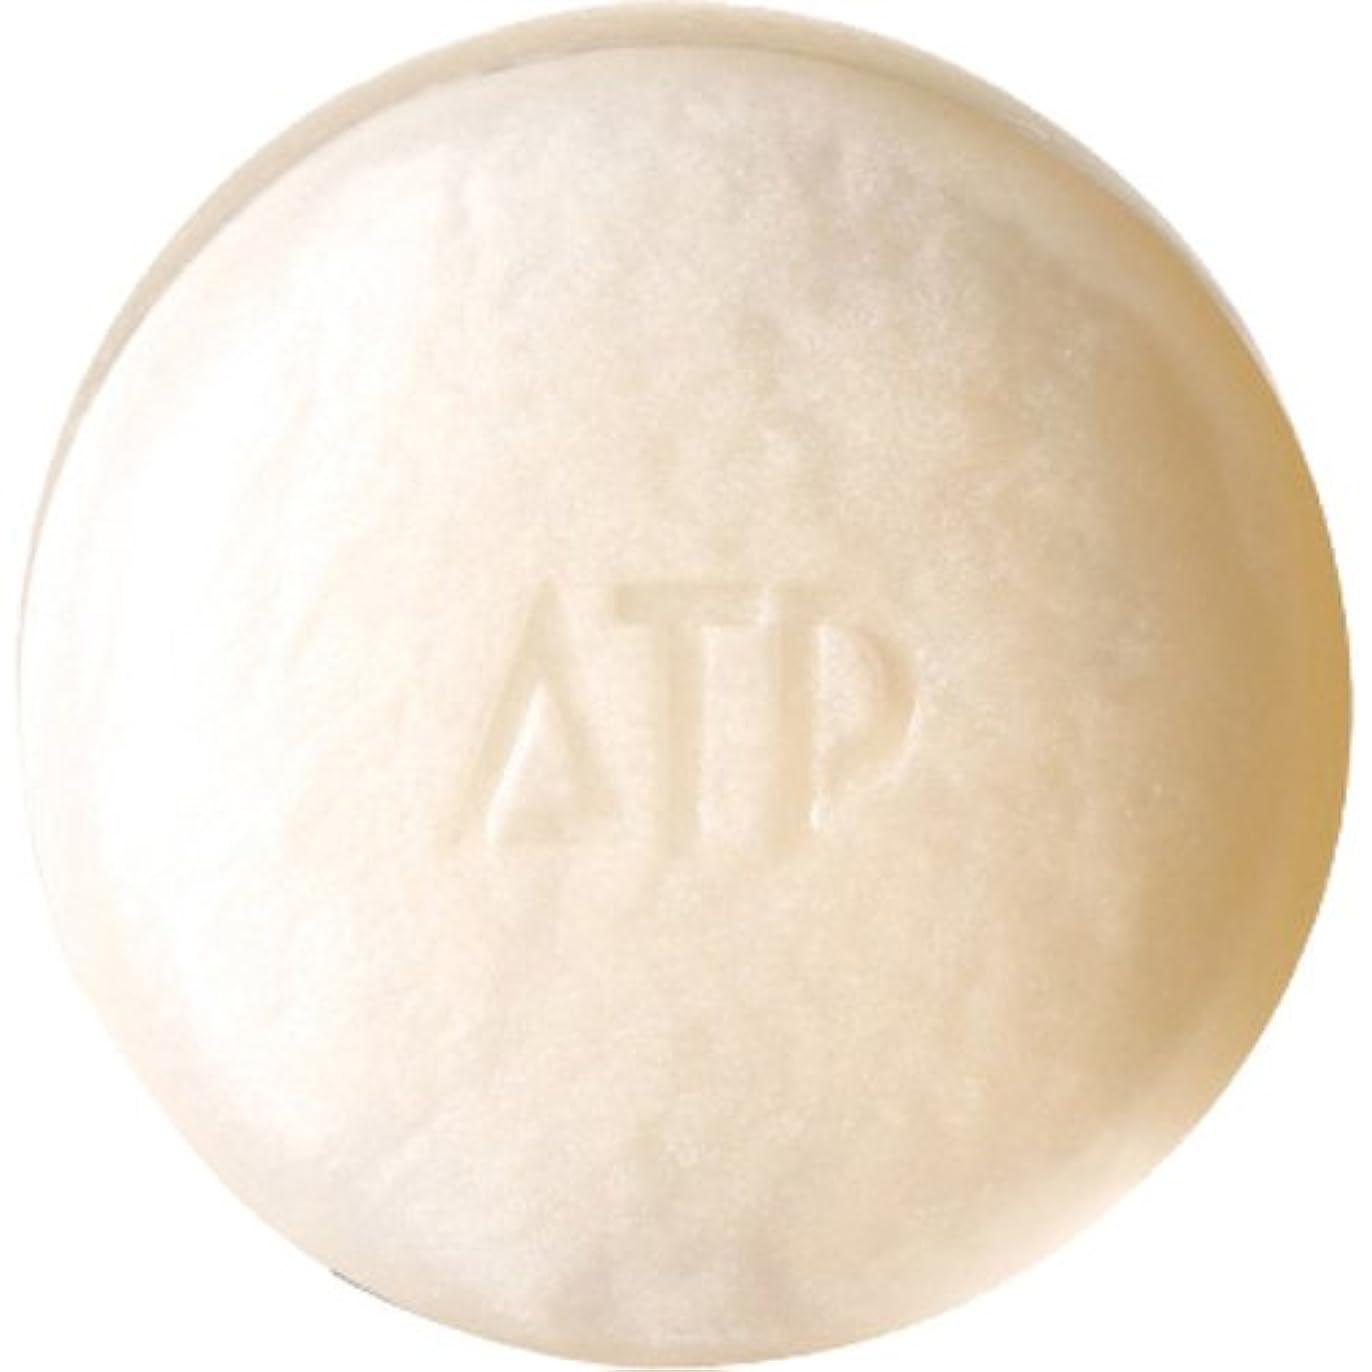 反乱多数のデコレーション薬用ATP デリケアソープ 100g ケースなし (全身用洗浄石けん?枠練り) [医薬部外品]